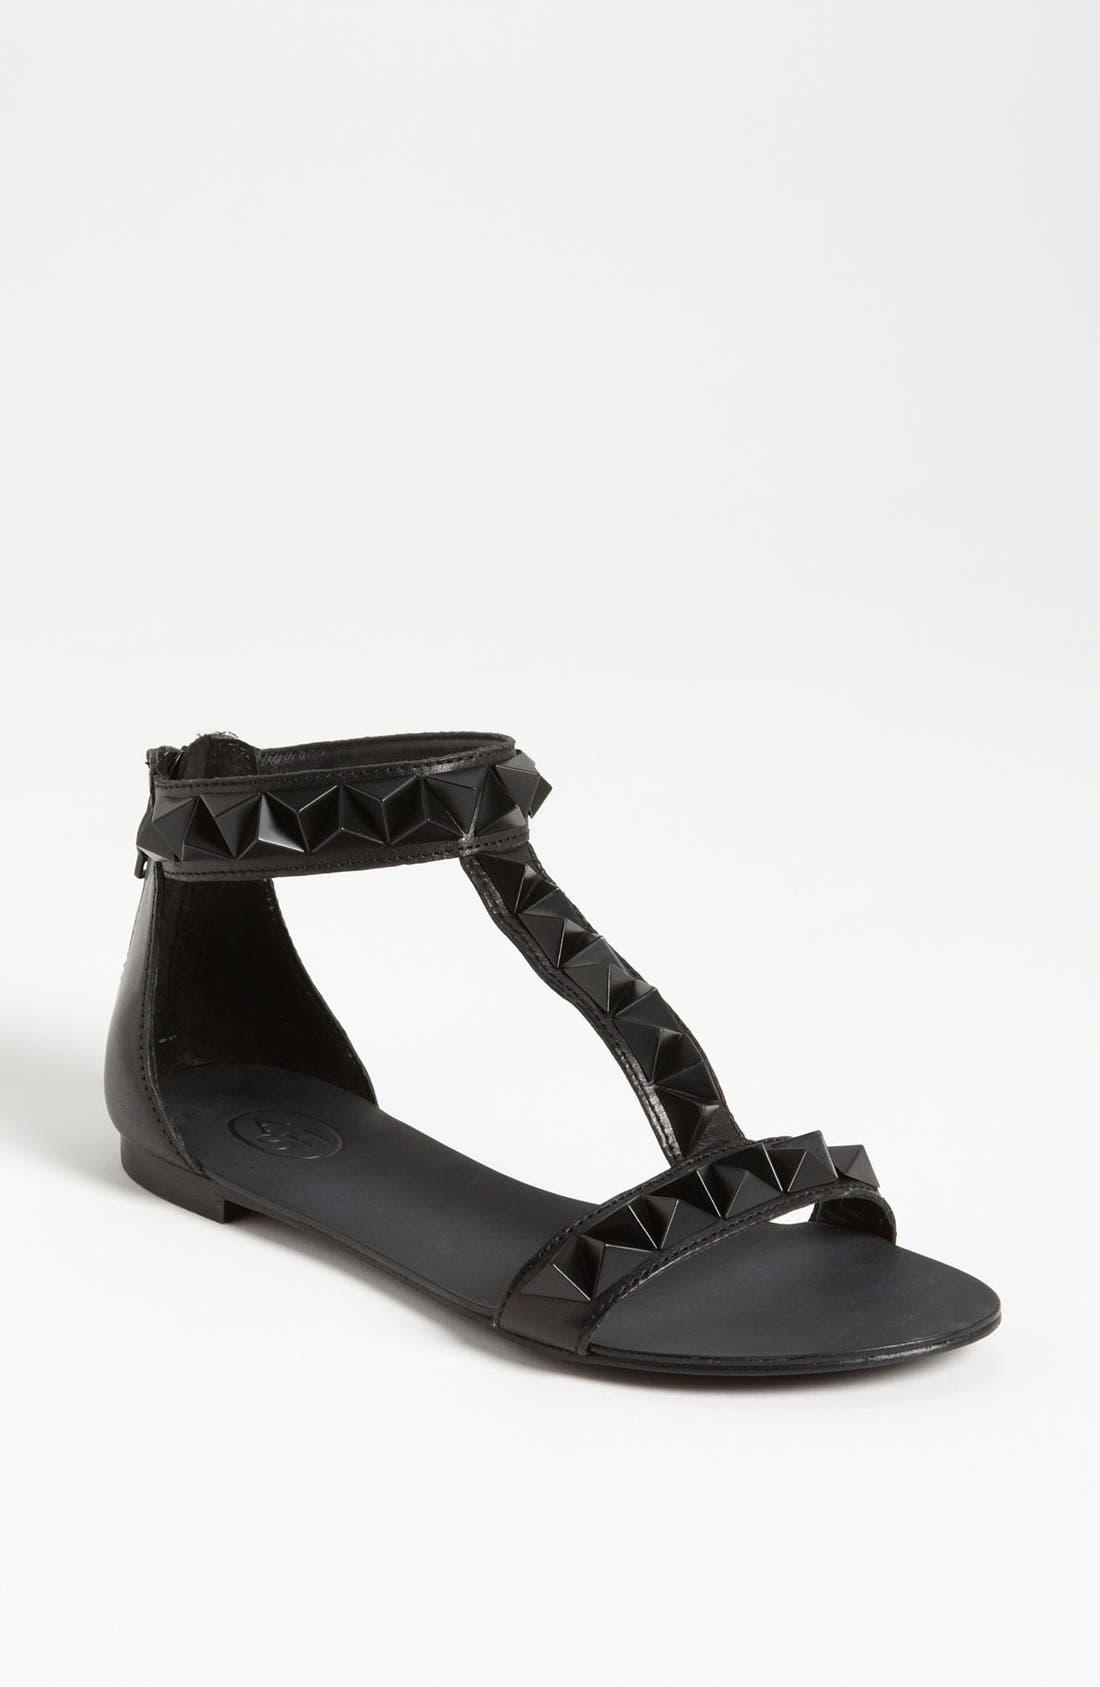 Main Image - Ash 'Mosaic Bis' Sandal